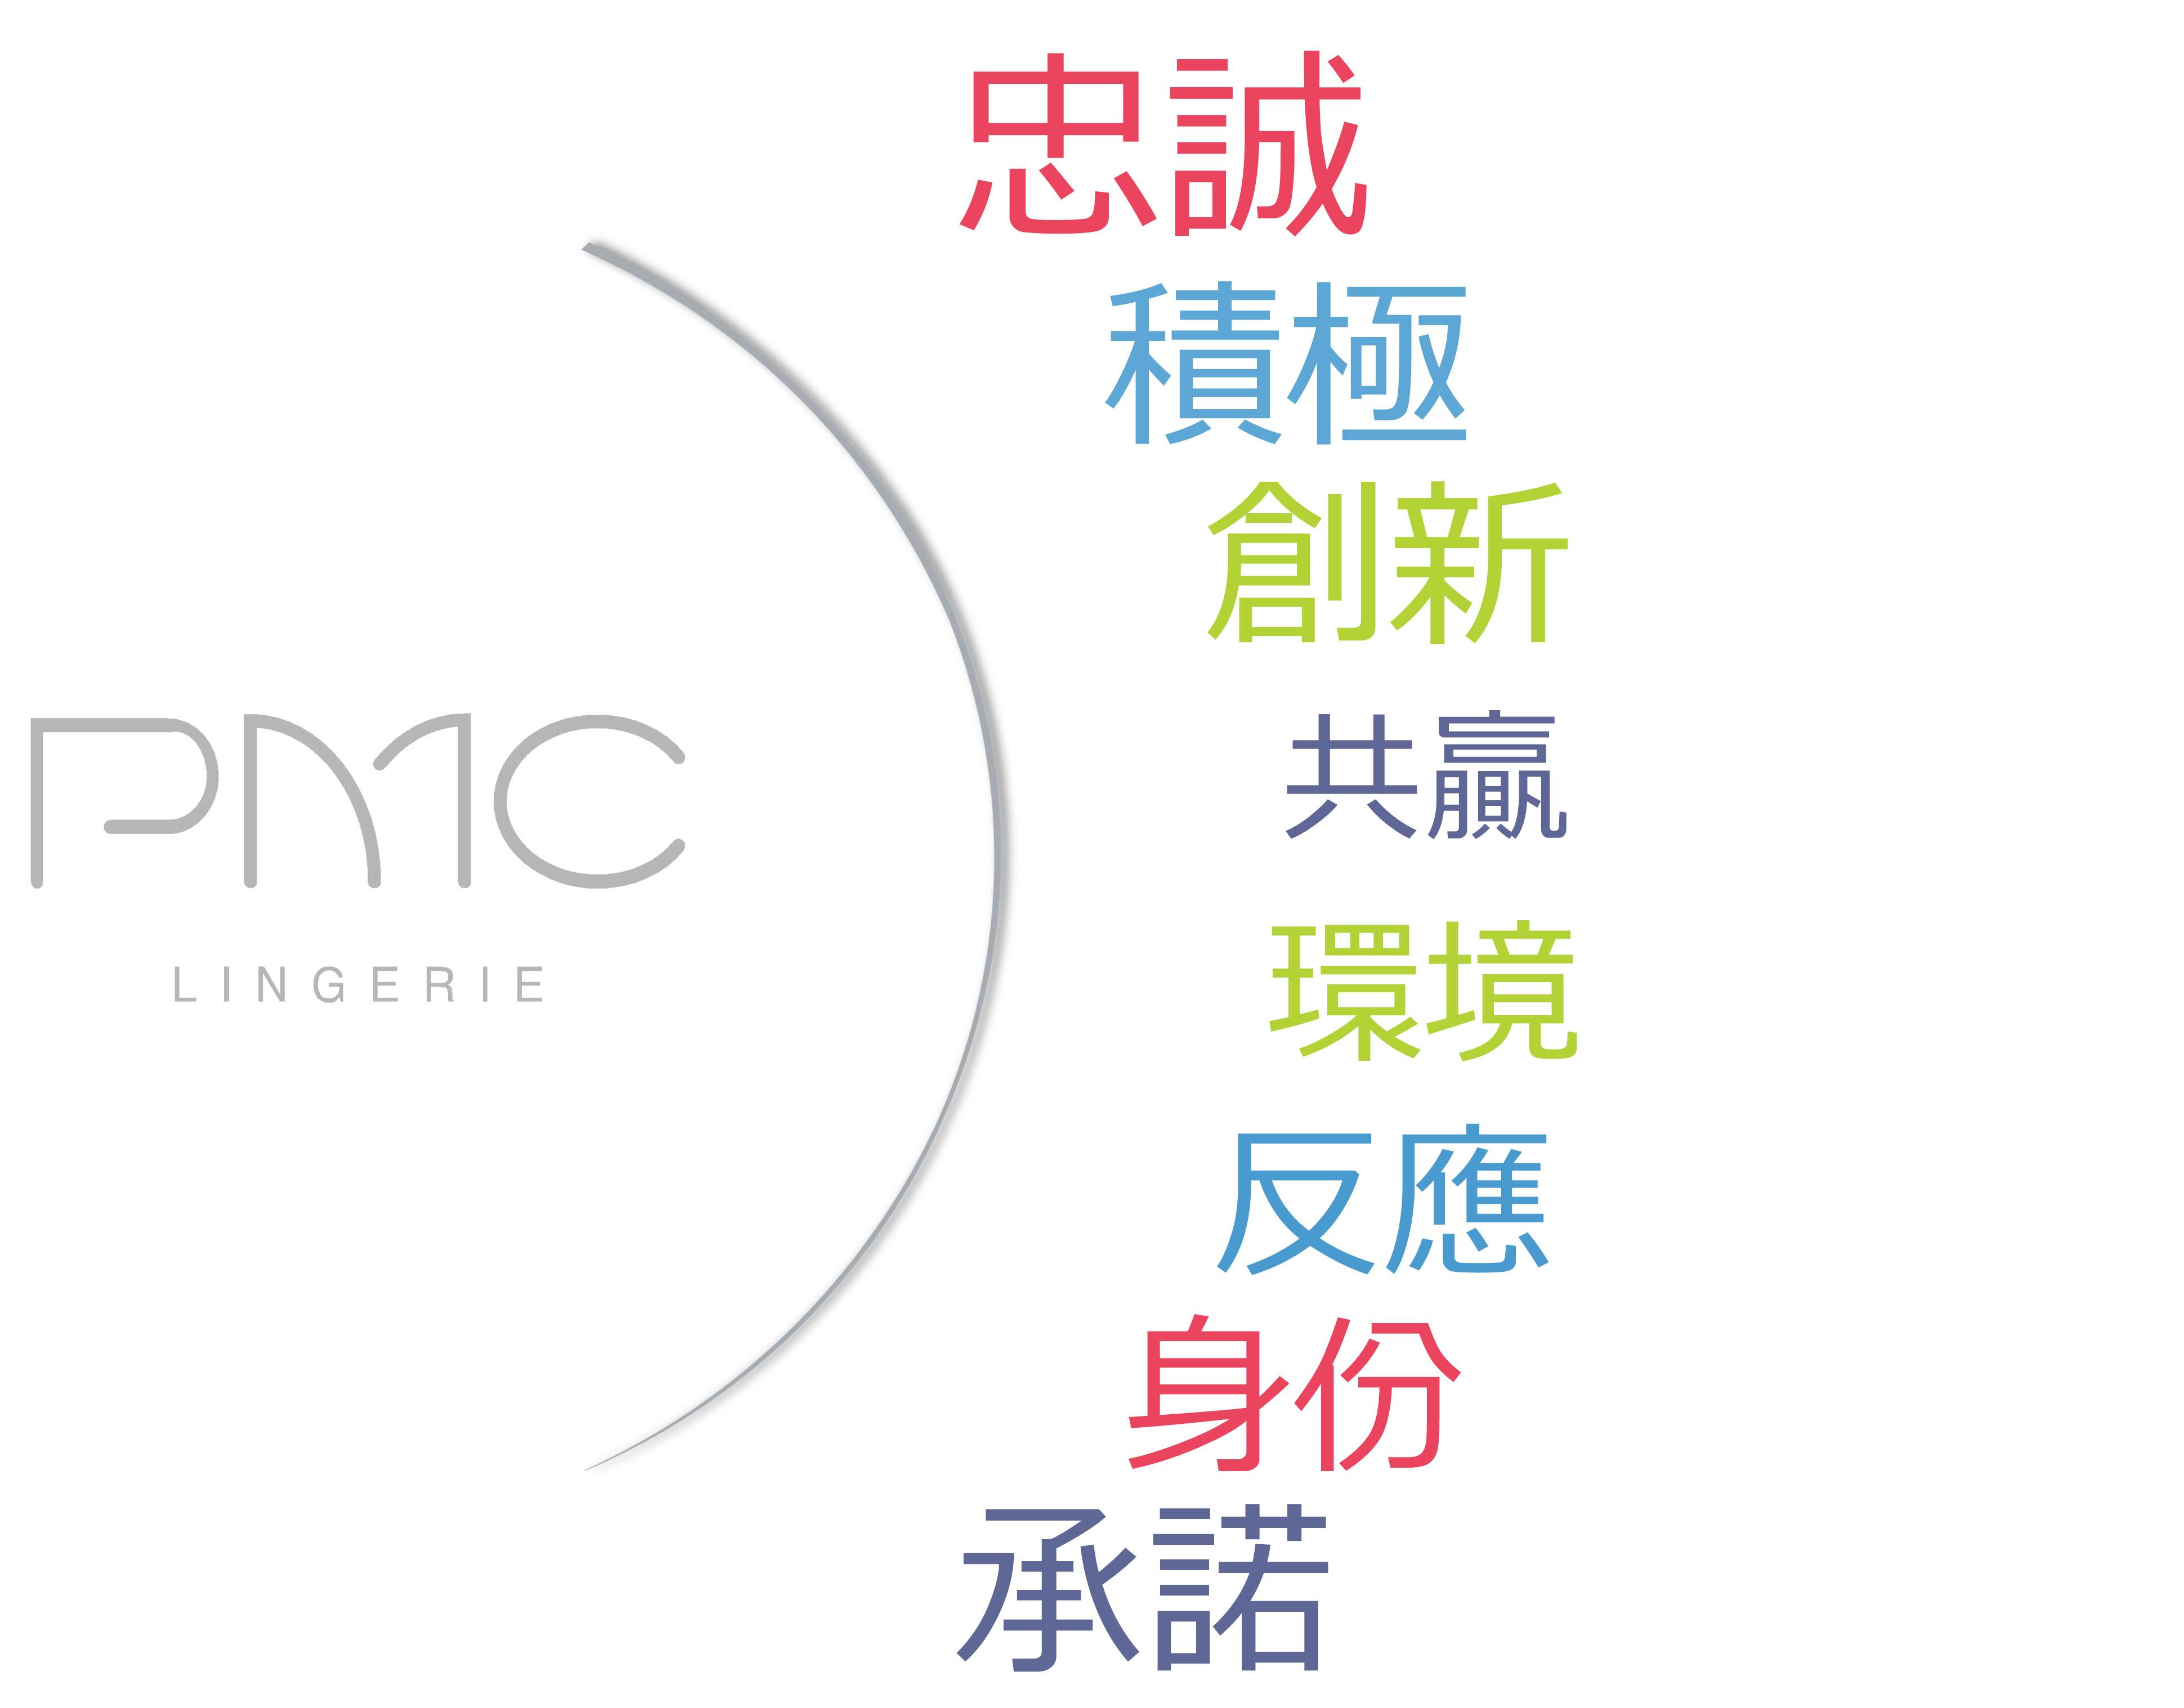 Les-Valeurs-de-PMC-Lingerie-chinois